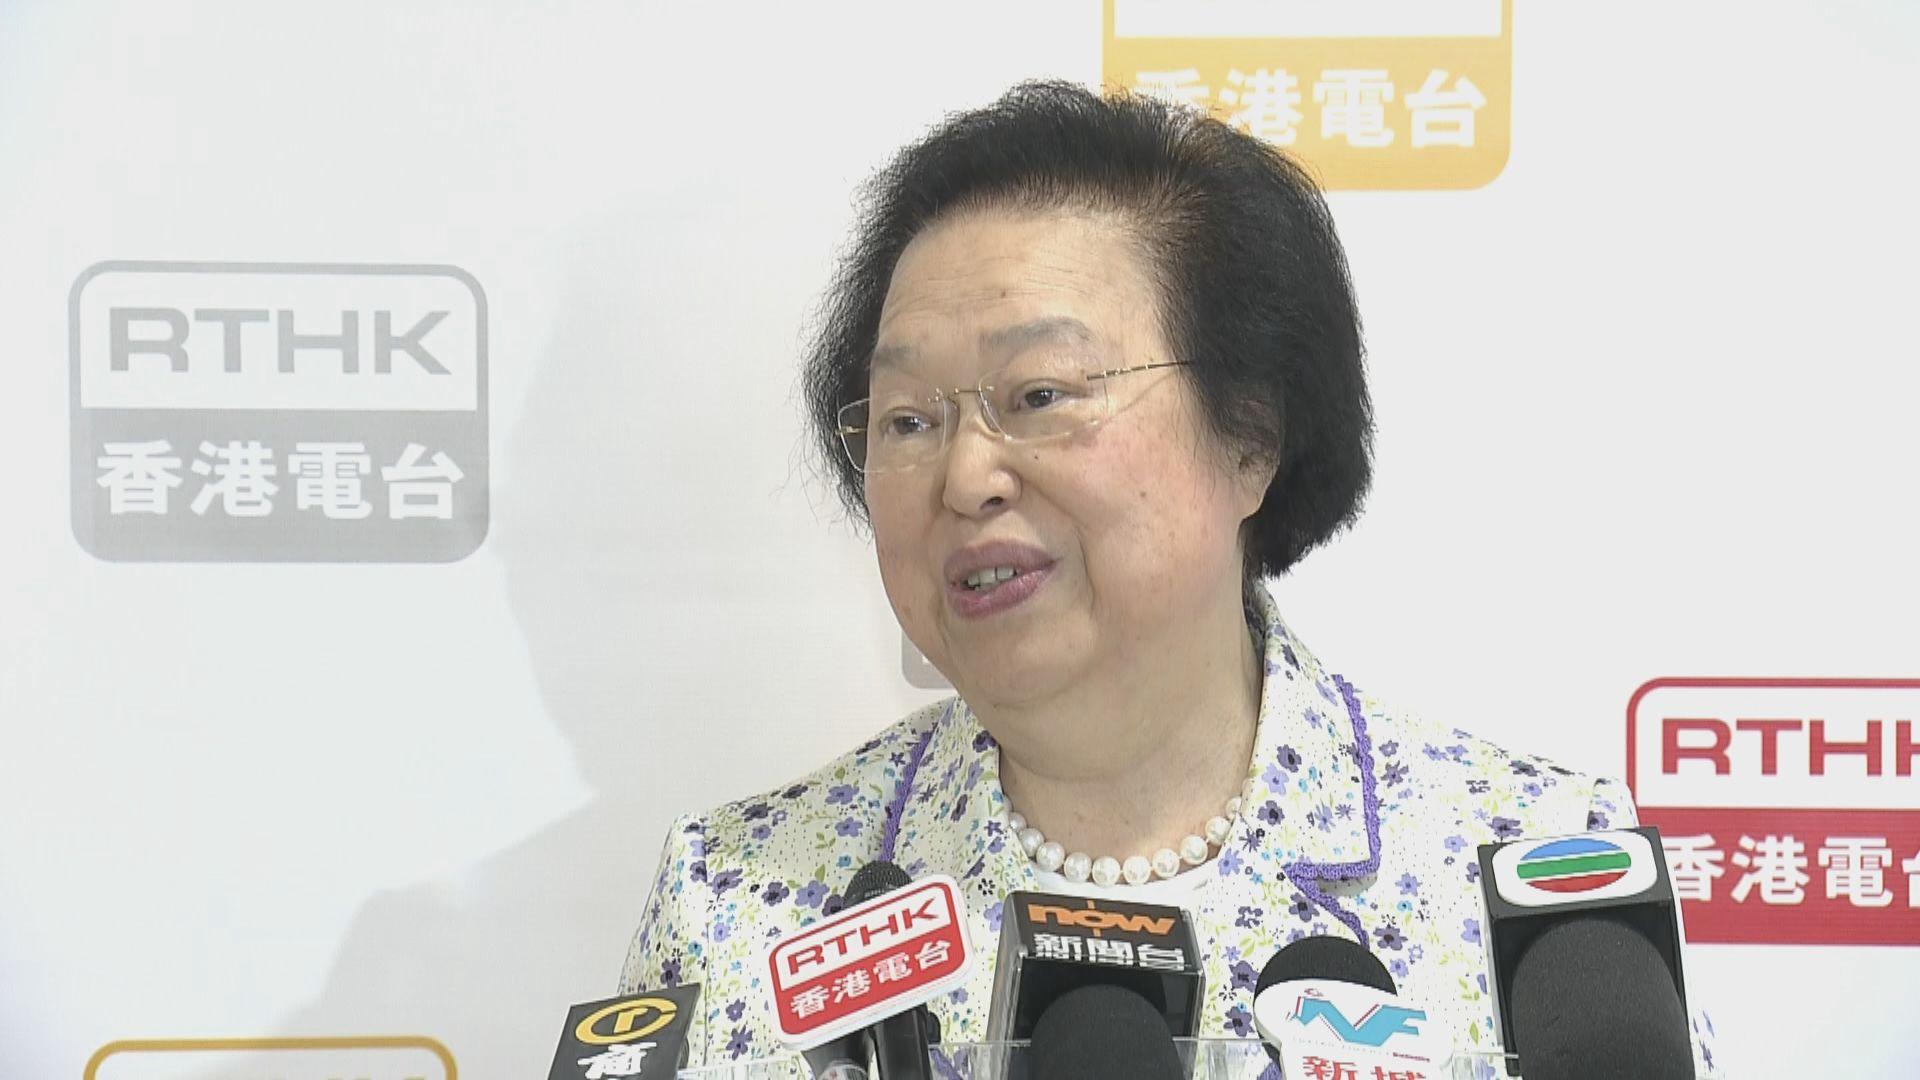 譚惠珠︰地區衝突未至於出動解放軍